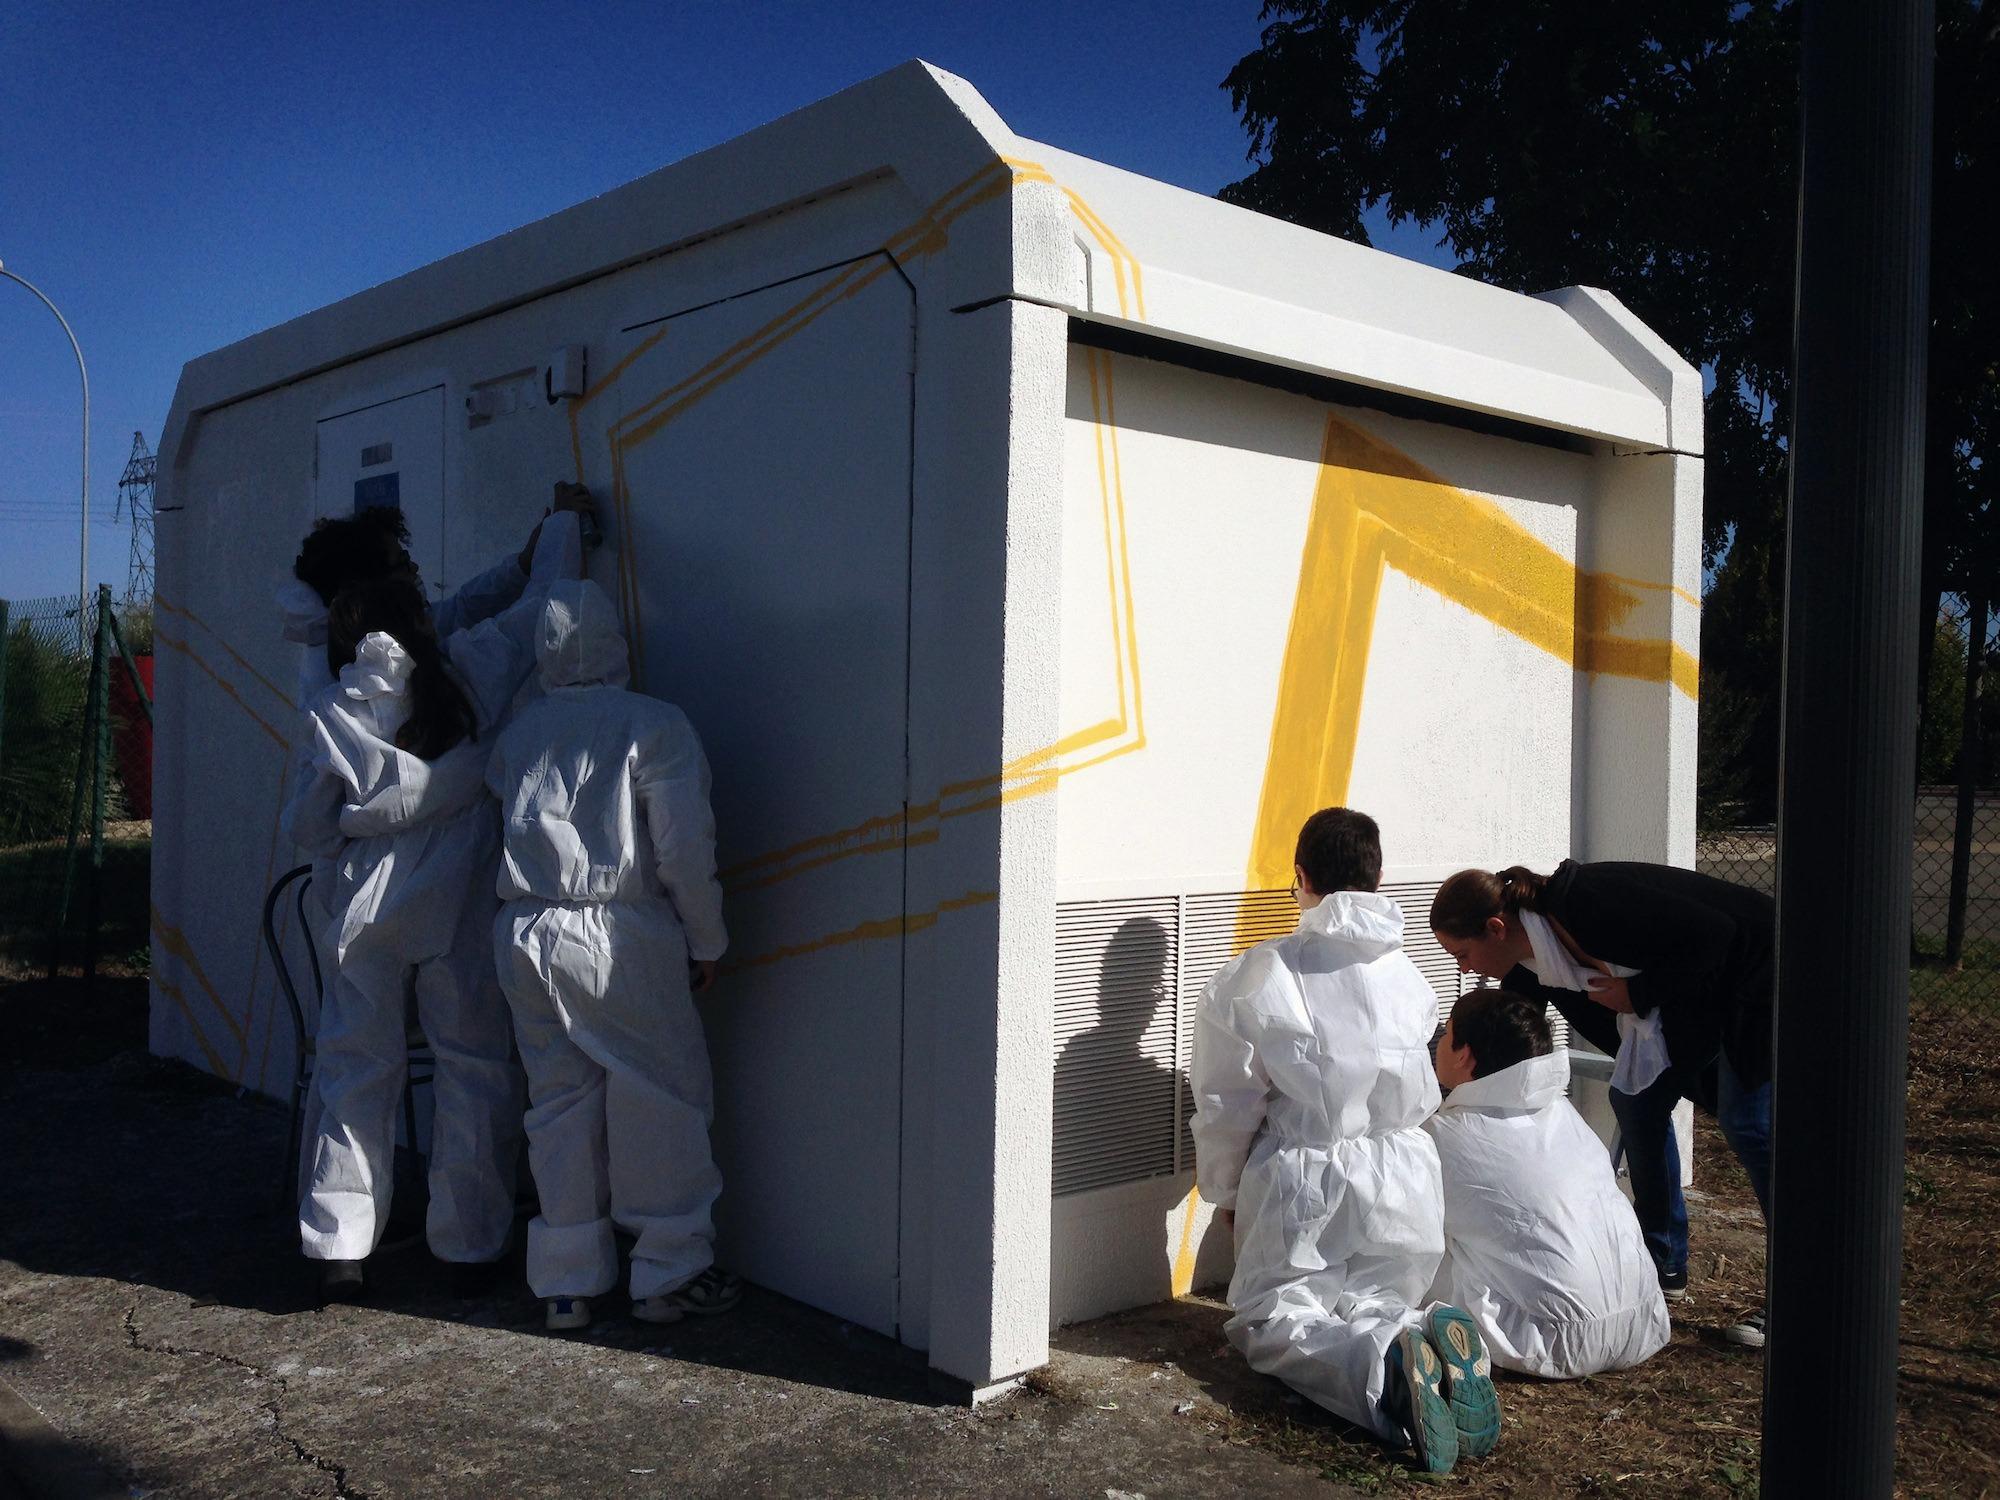 chantier-jeunes-compteur-electrique-graffiti-graffeur-tagueur-professionnel